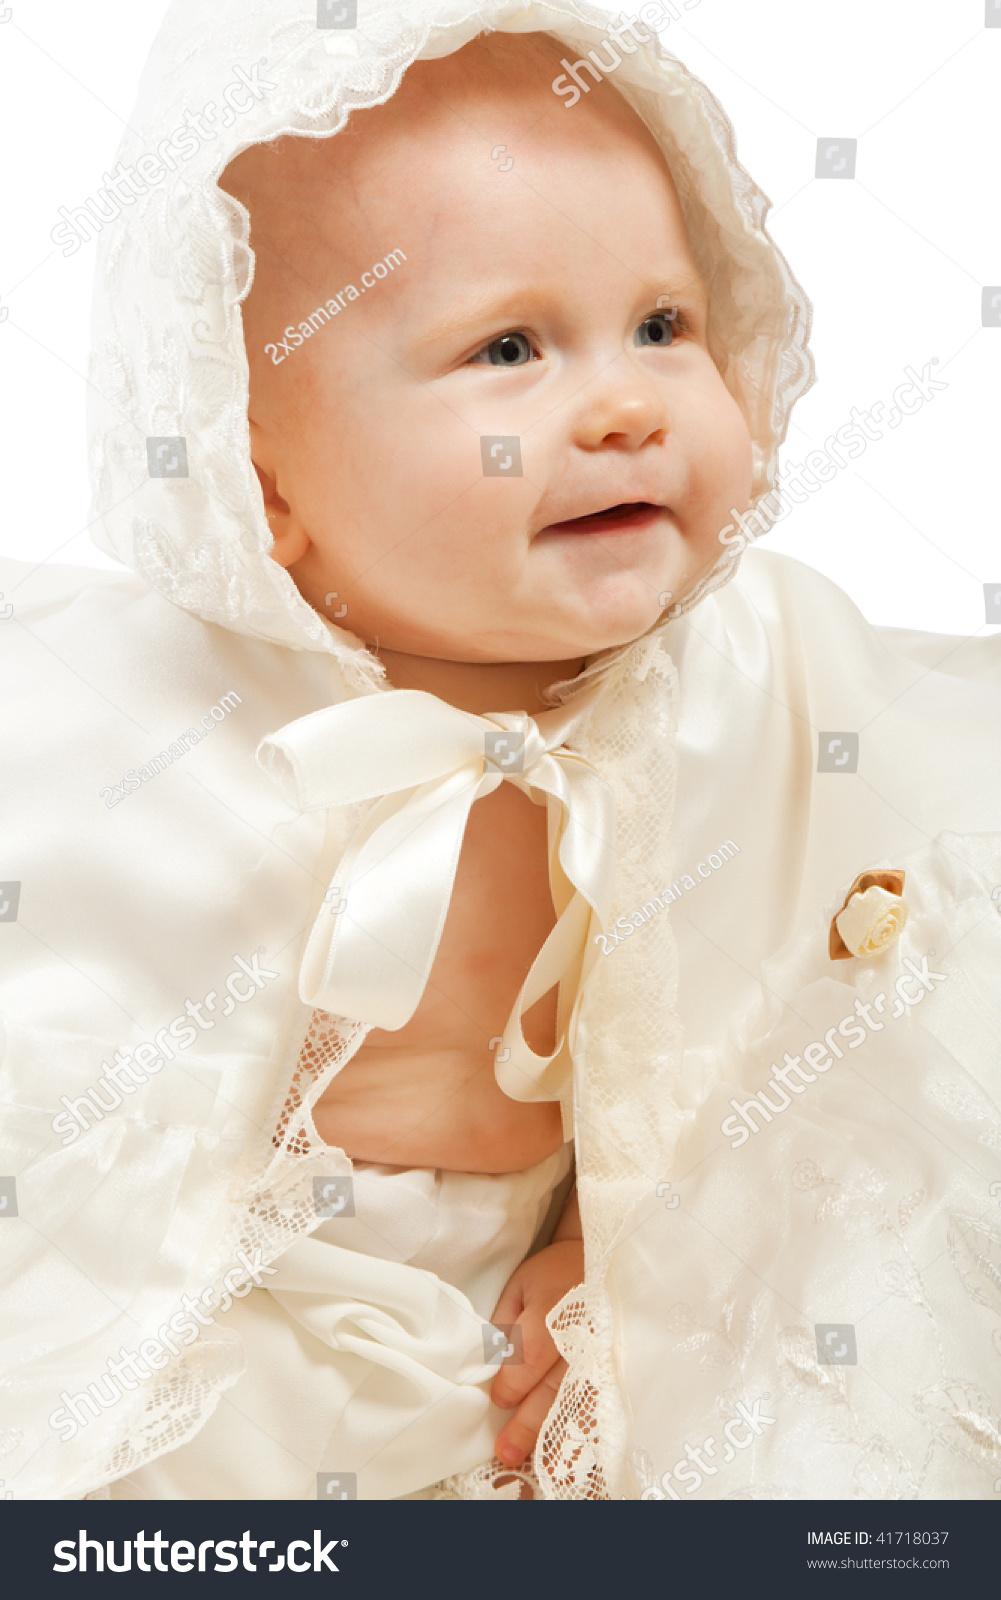 微笑的婴儿洗礼仪式礼服-人物,宗教-海洛创意(hellorf